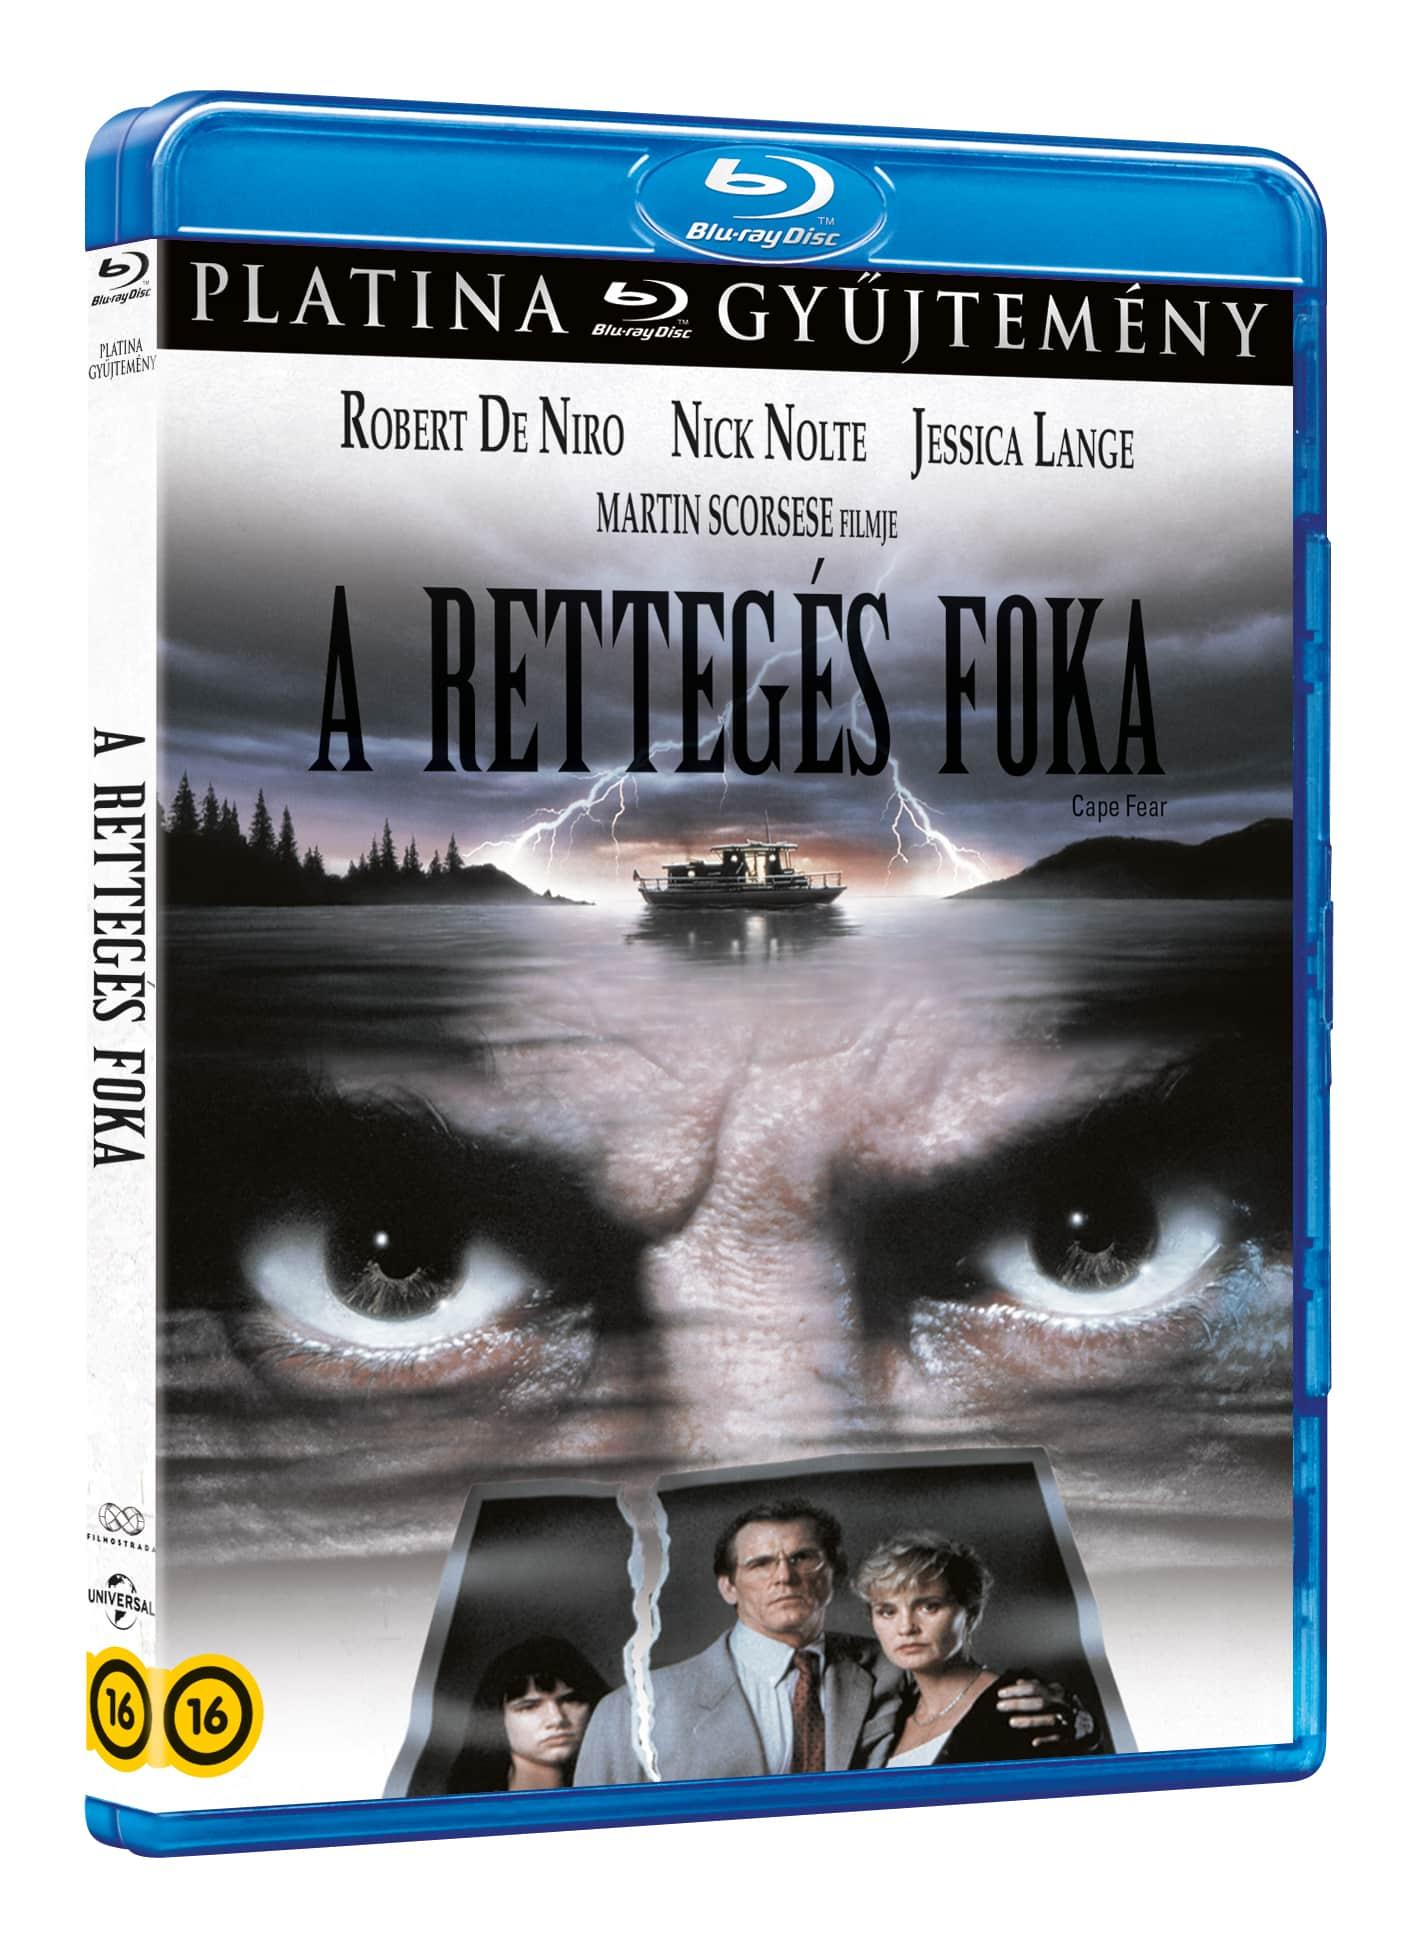 Martin Scorsese - Rettegés foka (1991) (platina gyűjtemény) - Blu-ray